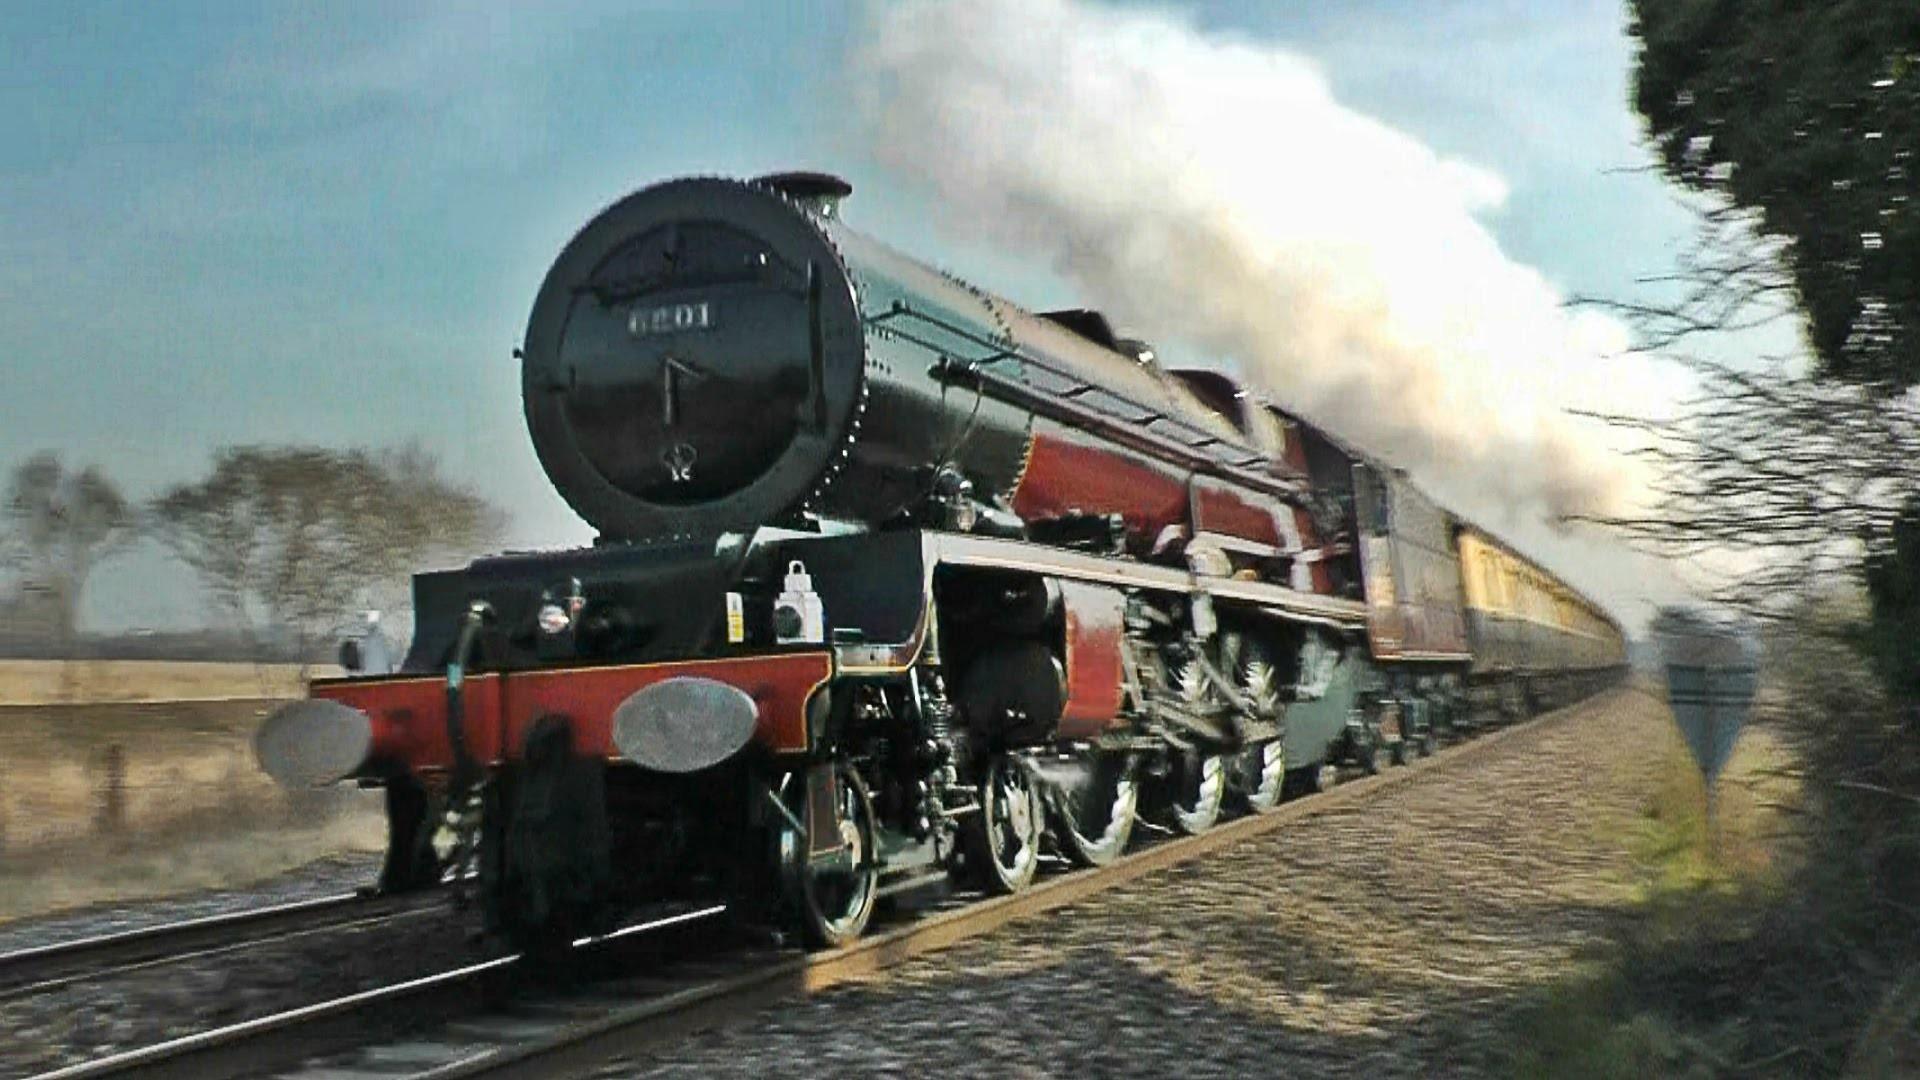 Locomotive Steam Engine Diagram Steam Trains at Speed Of Locomotive Steam Engine Diagram